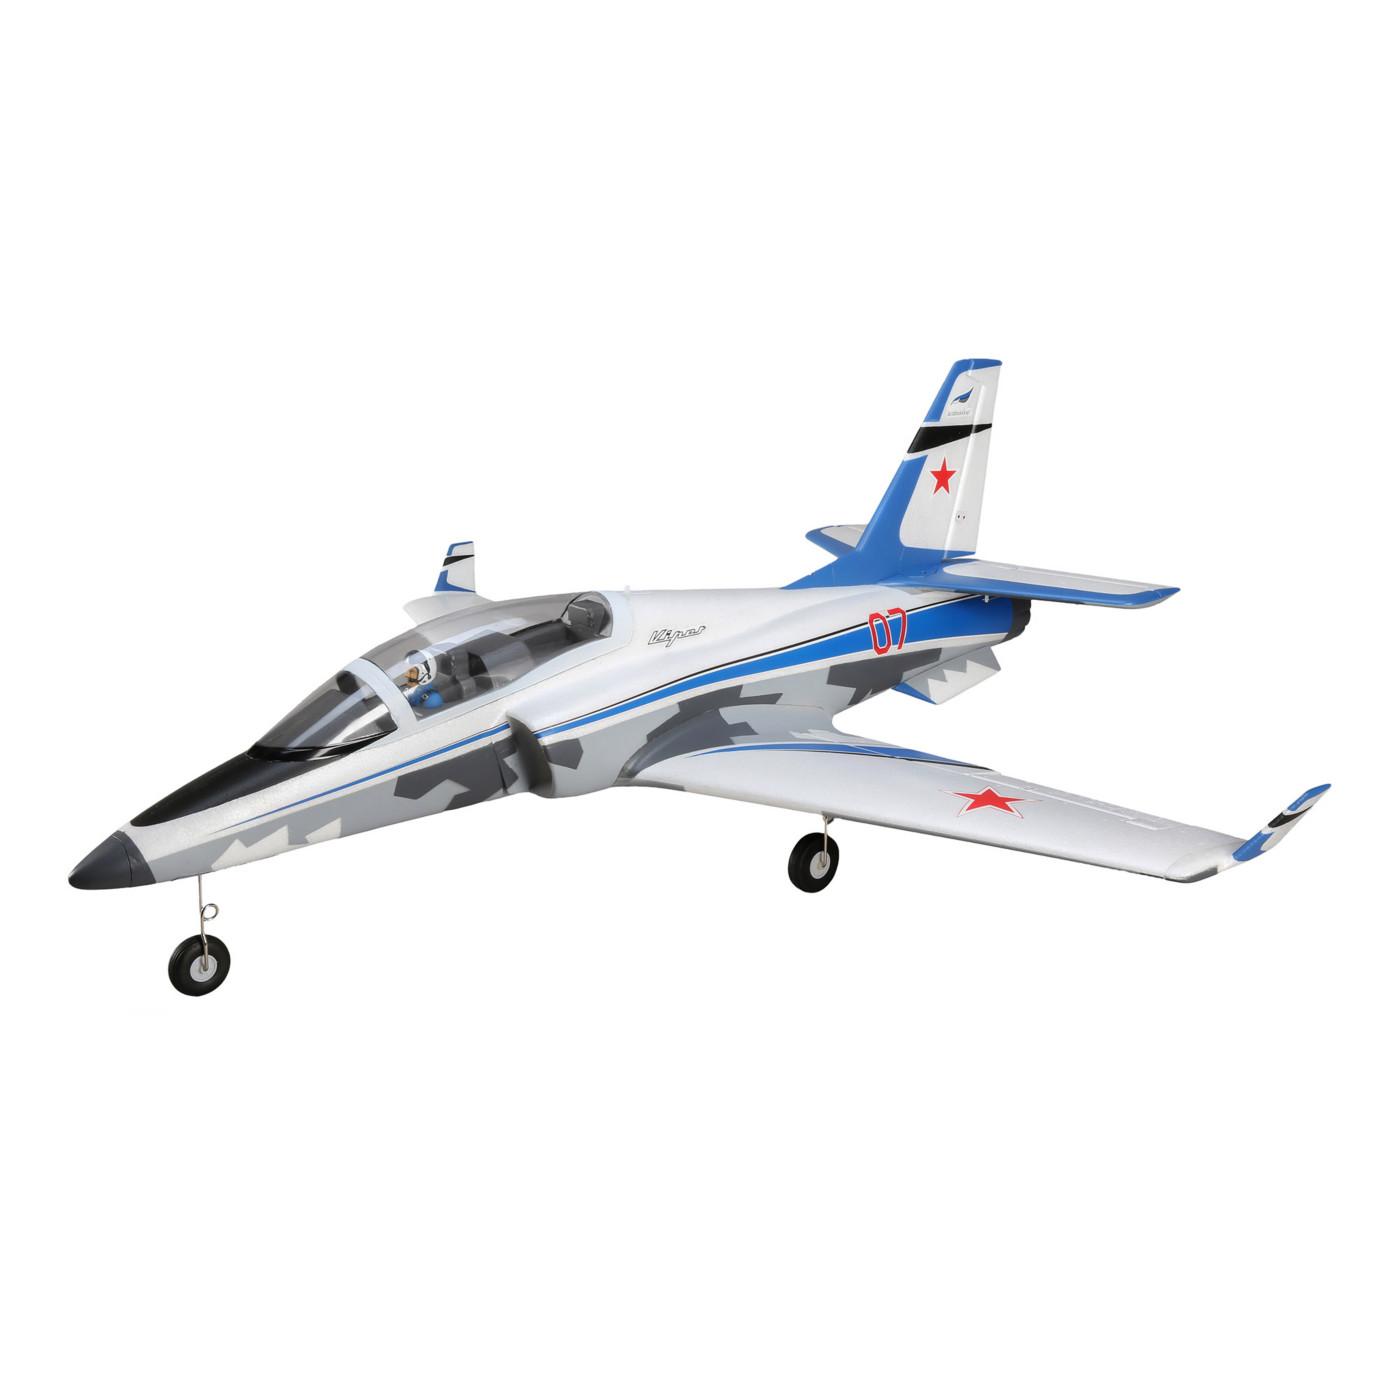 E-flite Viper 70mm EDF Jet BNF Basic